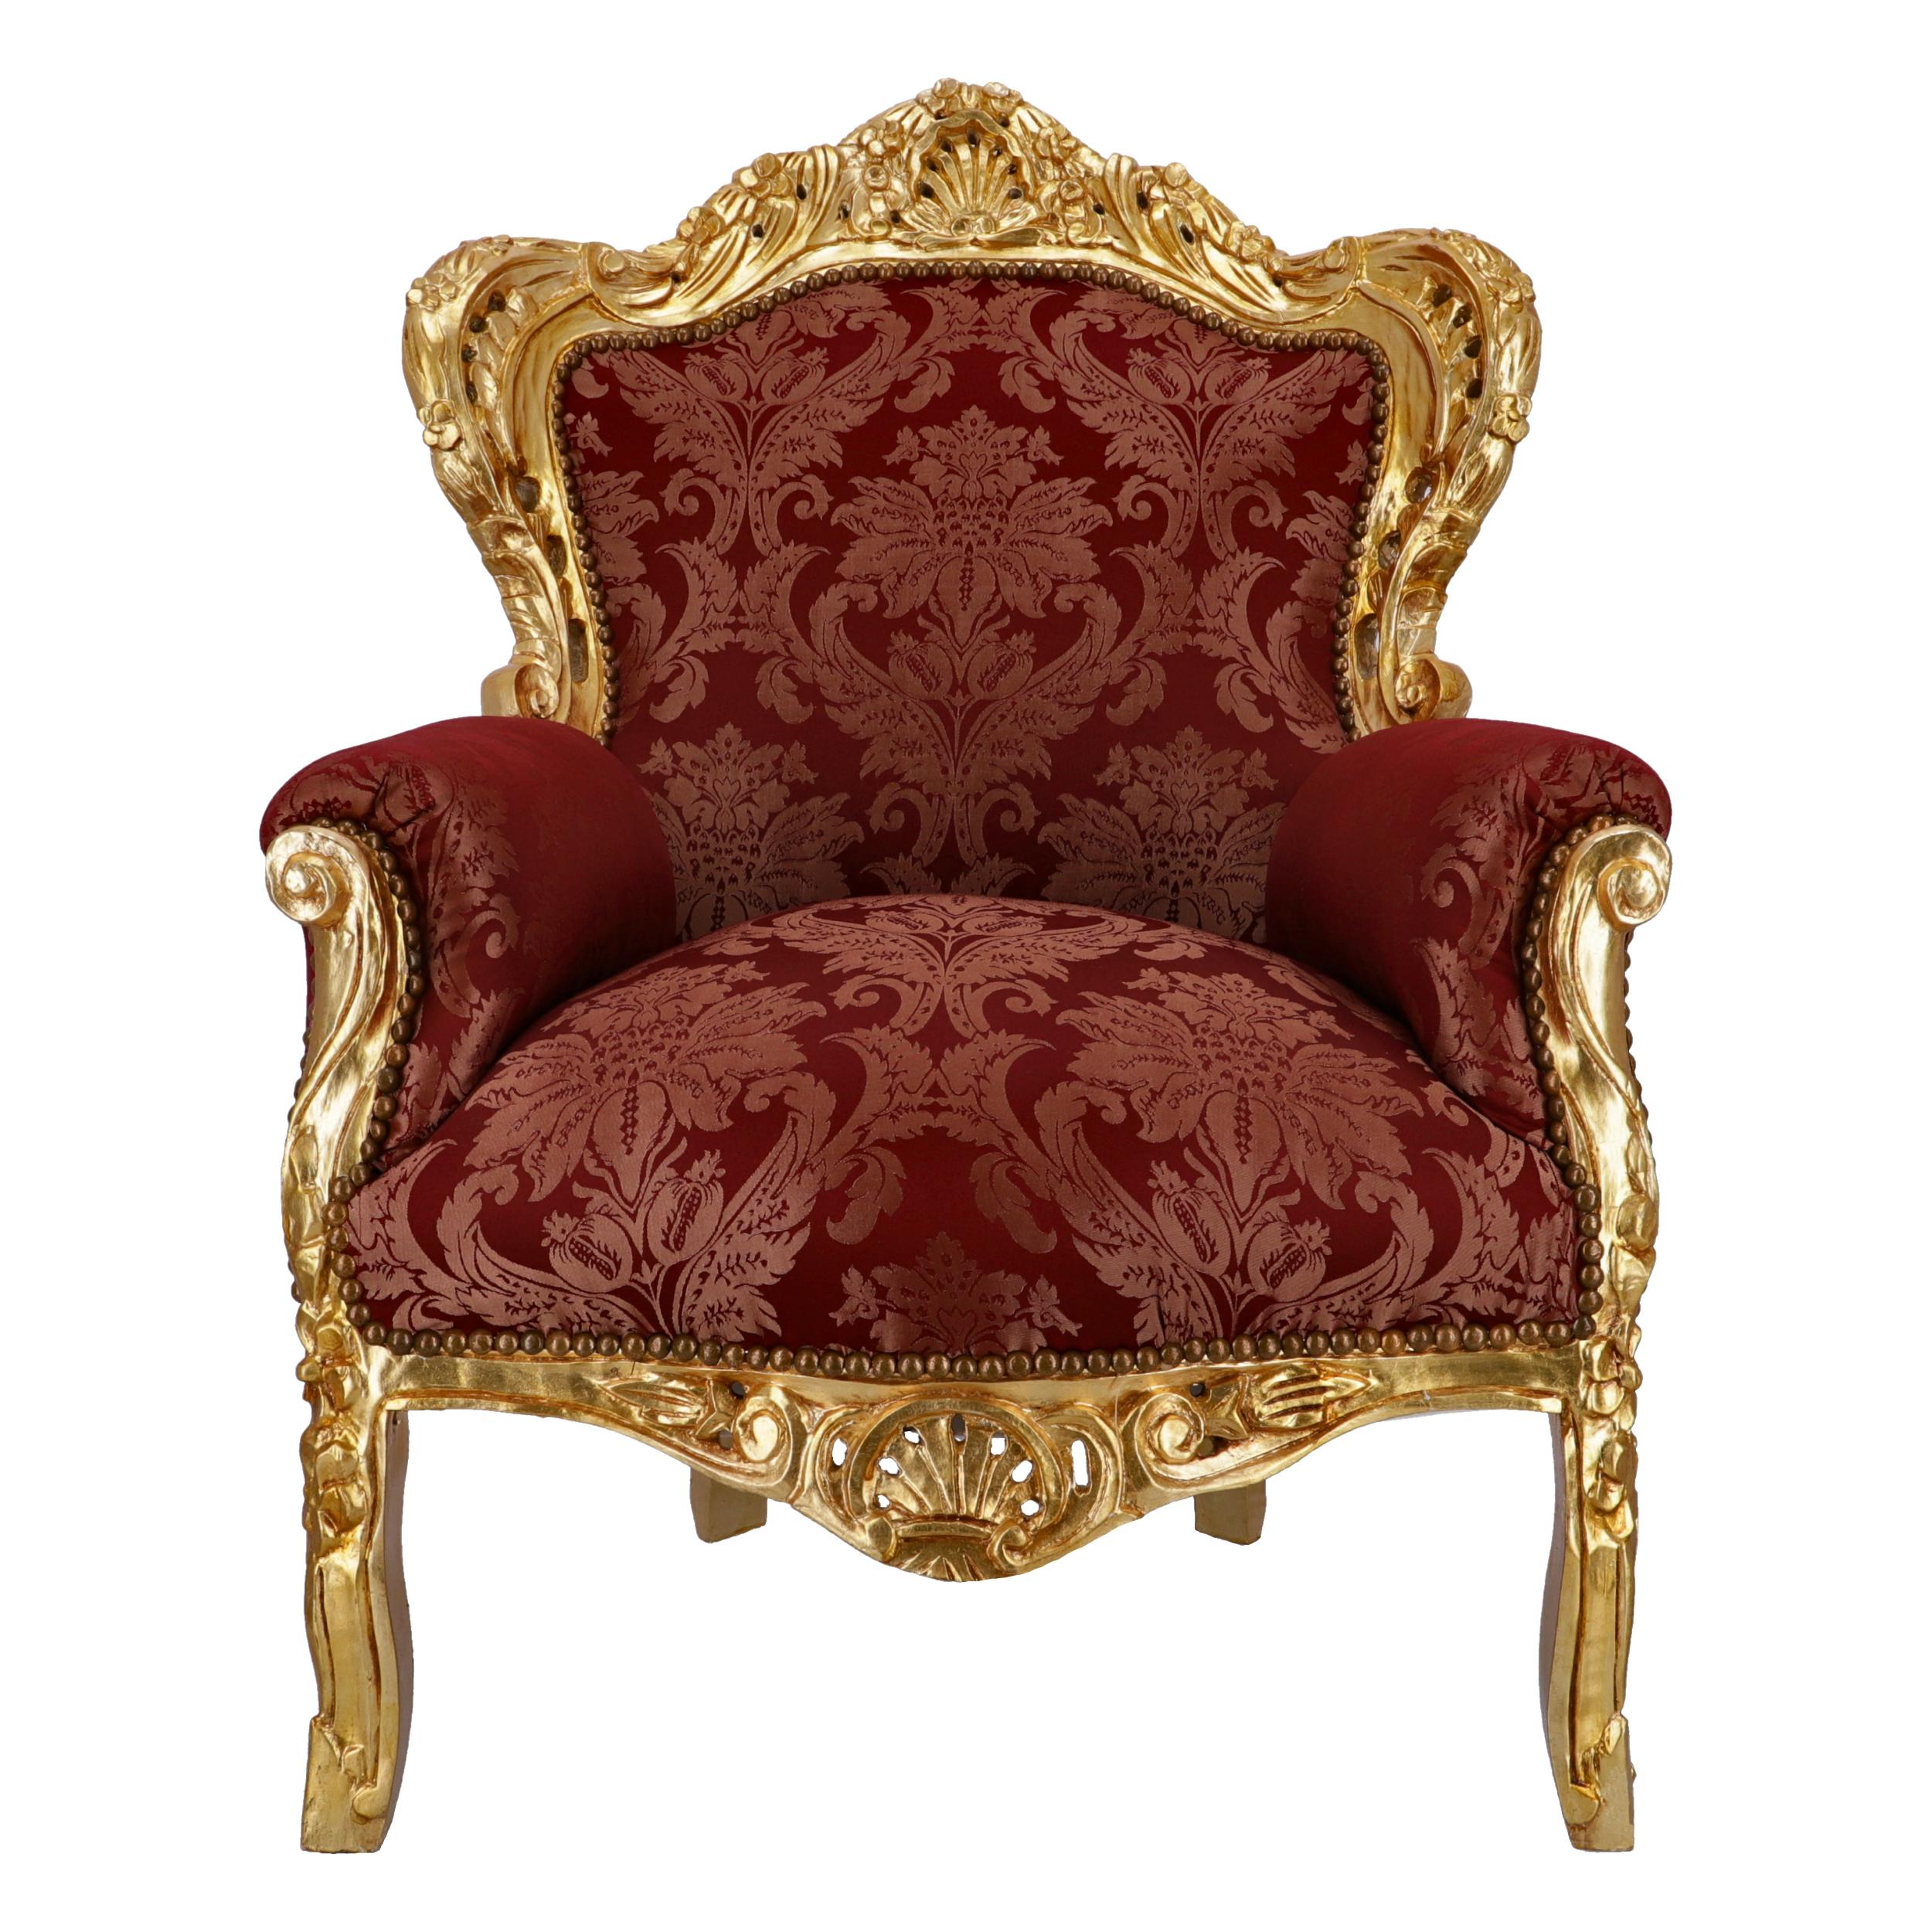 Poltrona Barok Oro Tessuto Damascato Rosso con Gemme